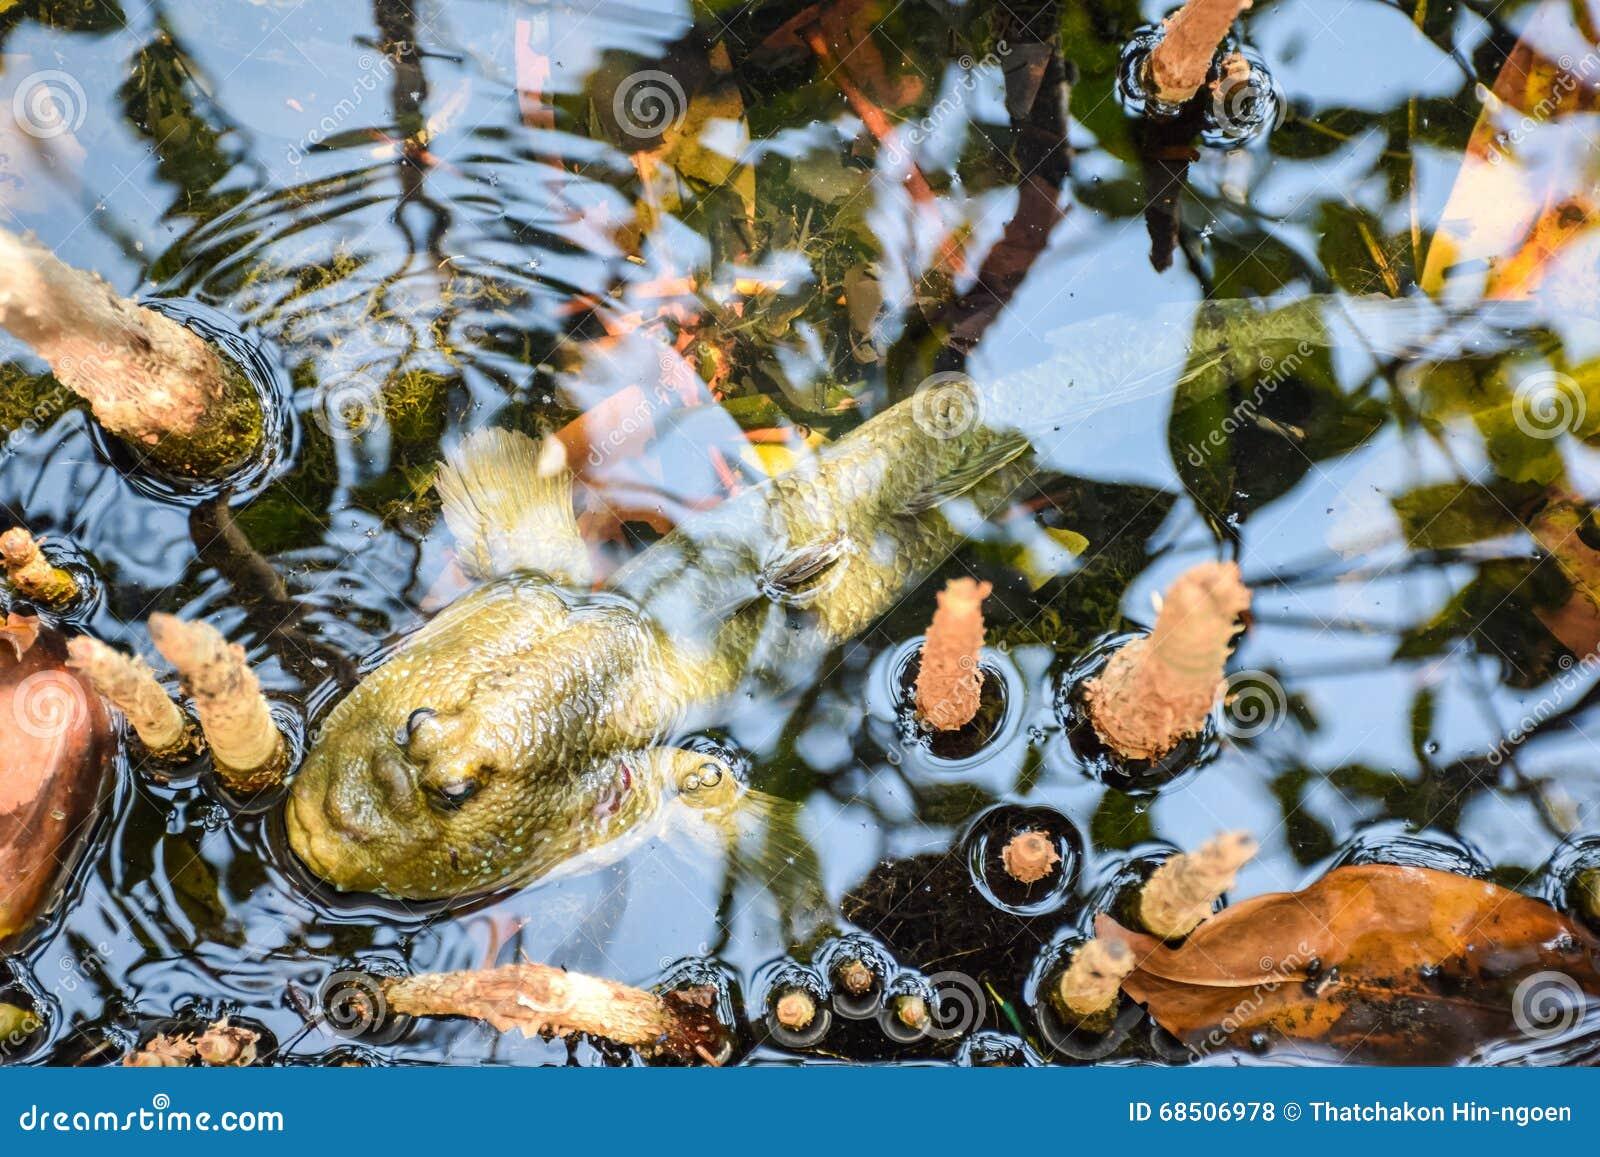 Mudskipper, αμφίβια ψάρια